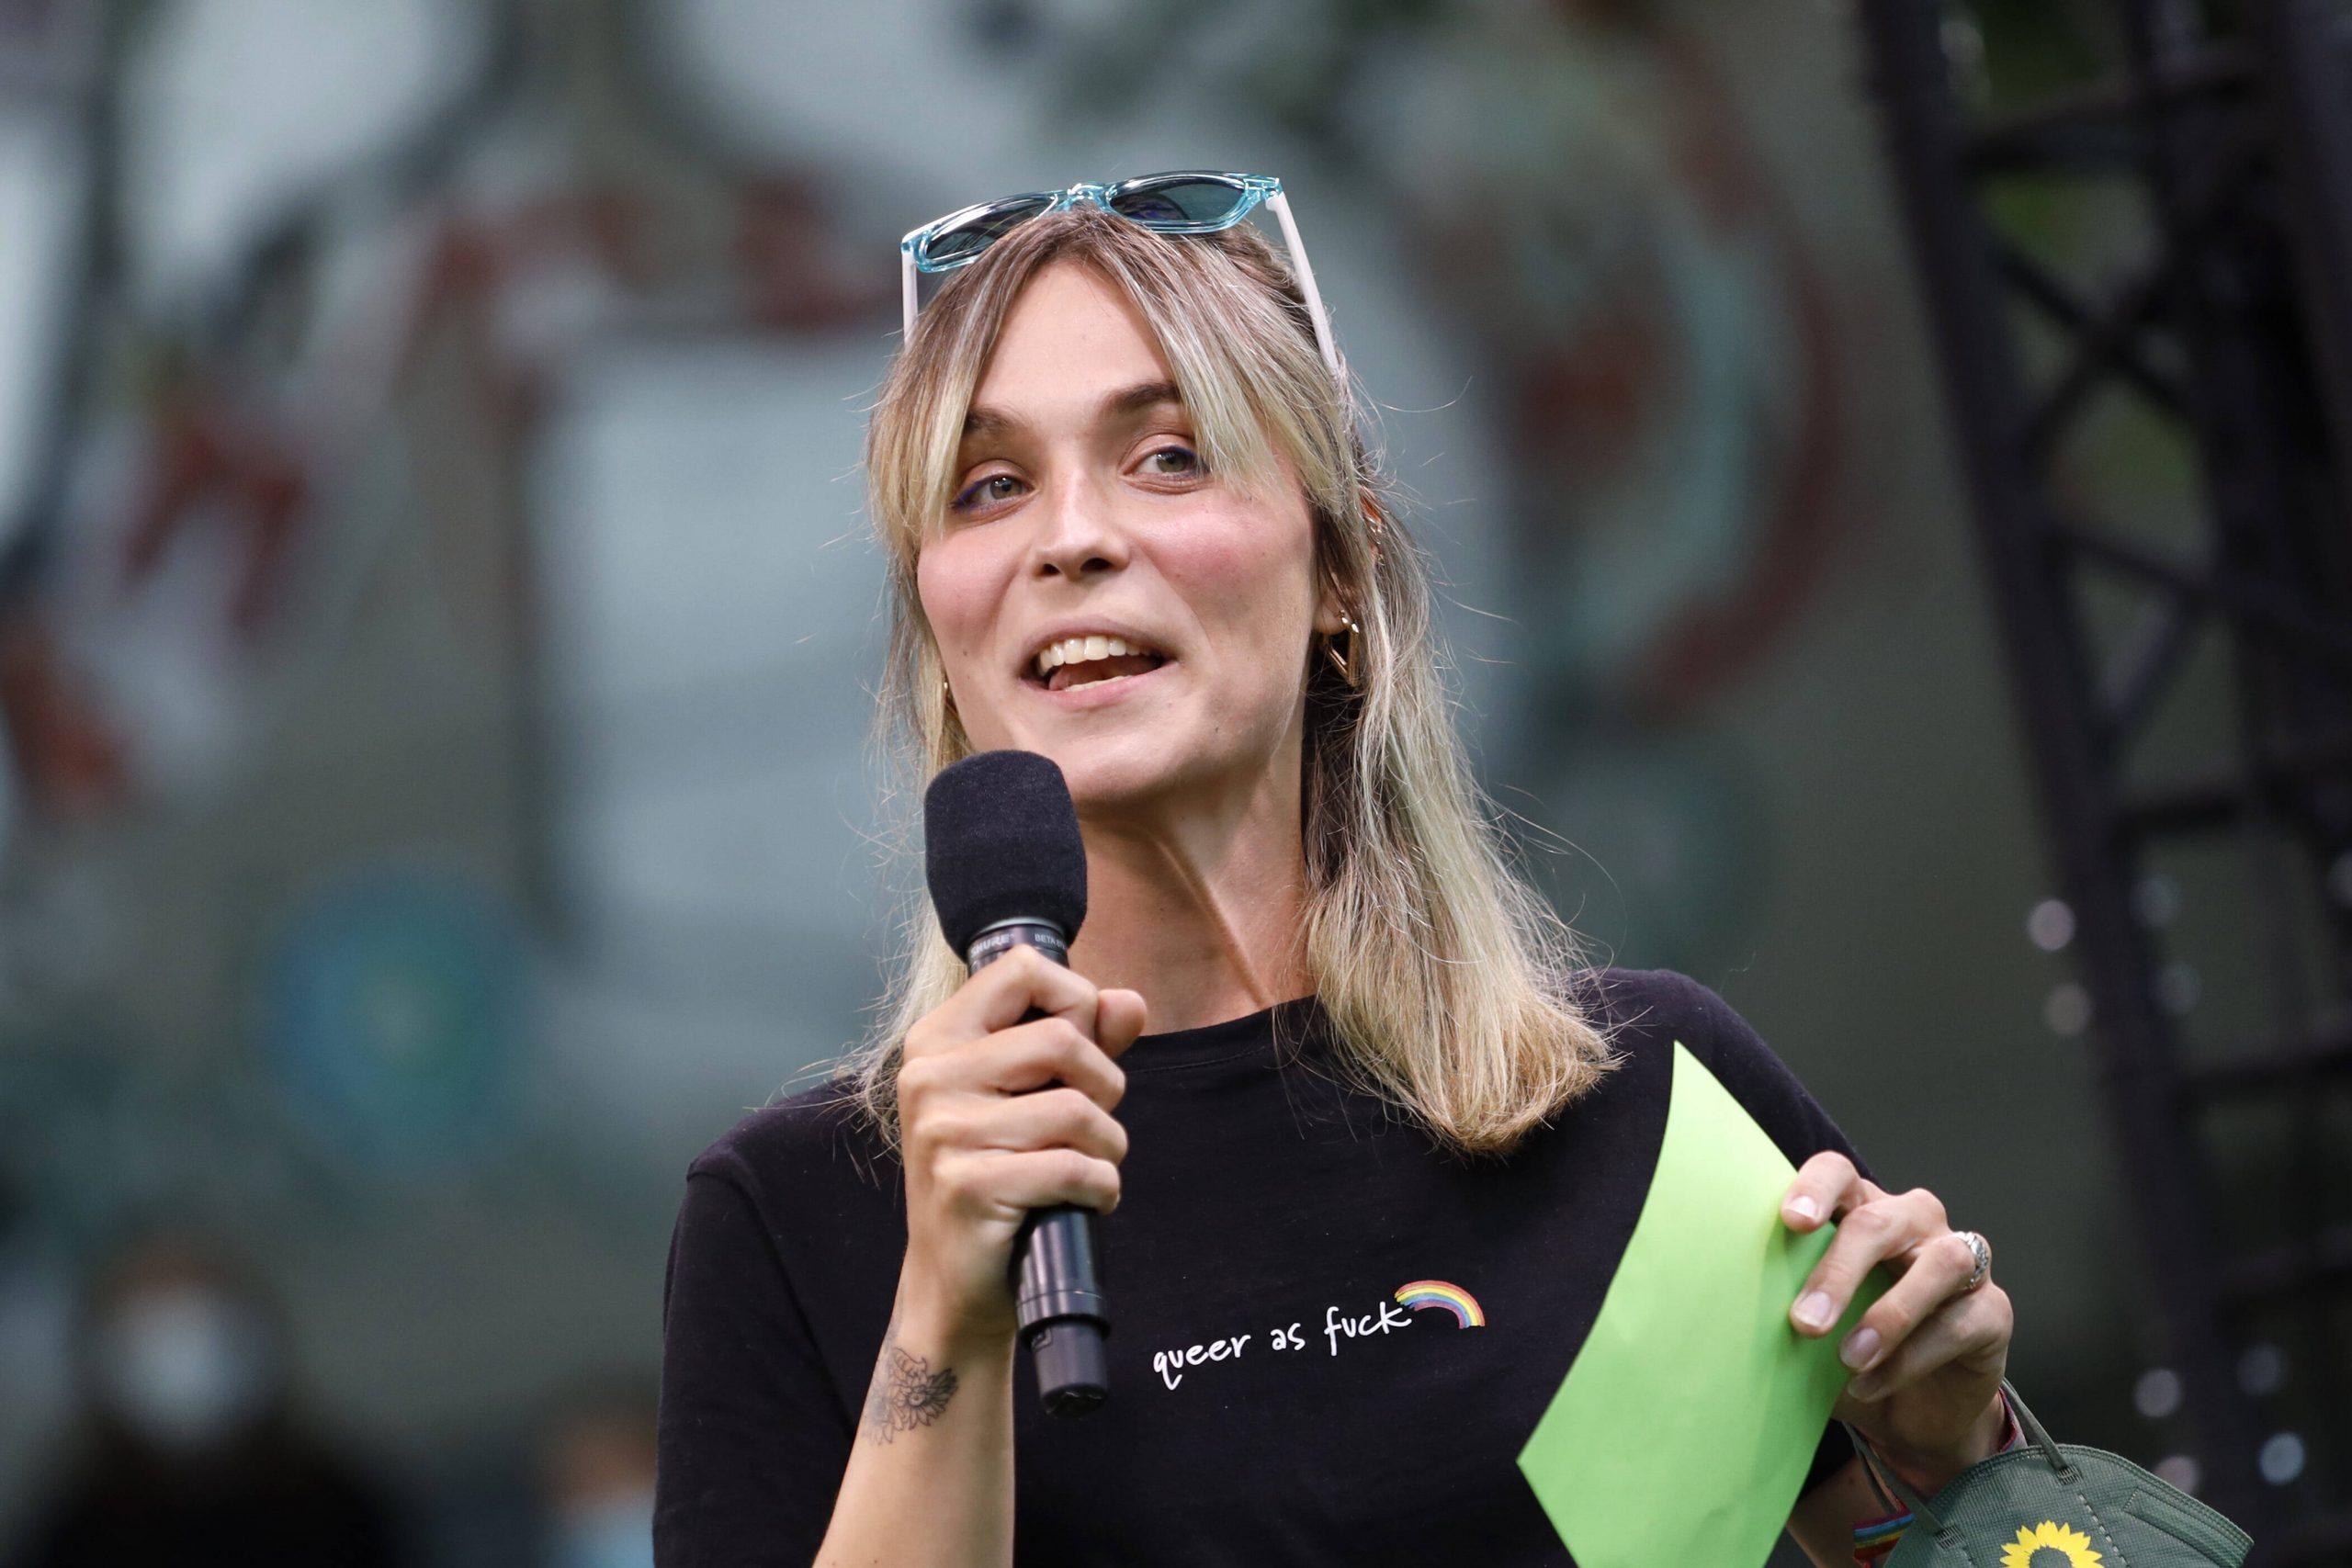 Nyke Slawik bei einer Wahlkampfveranstaltung von Bündnis 90/Die Grünen in Köln.